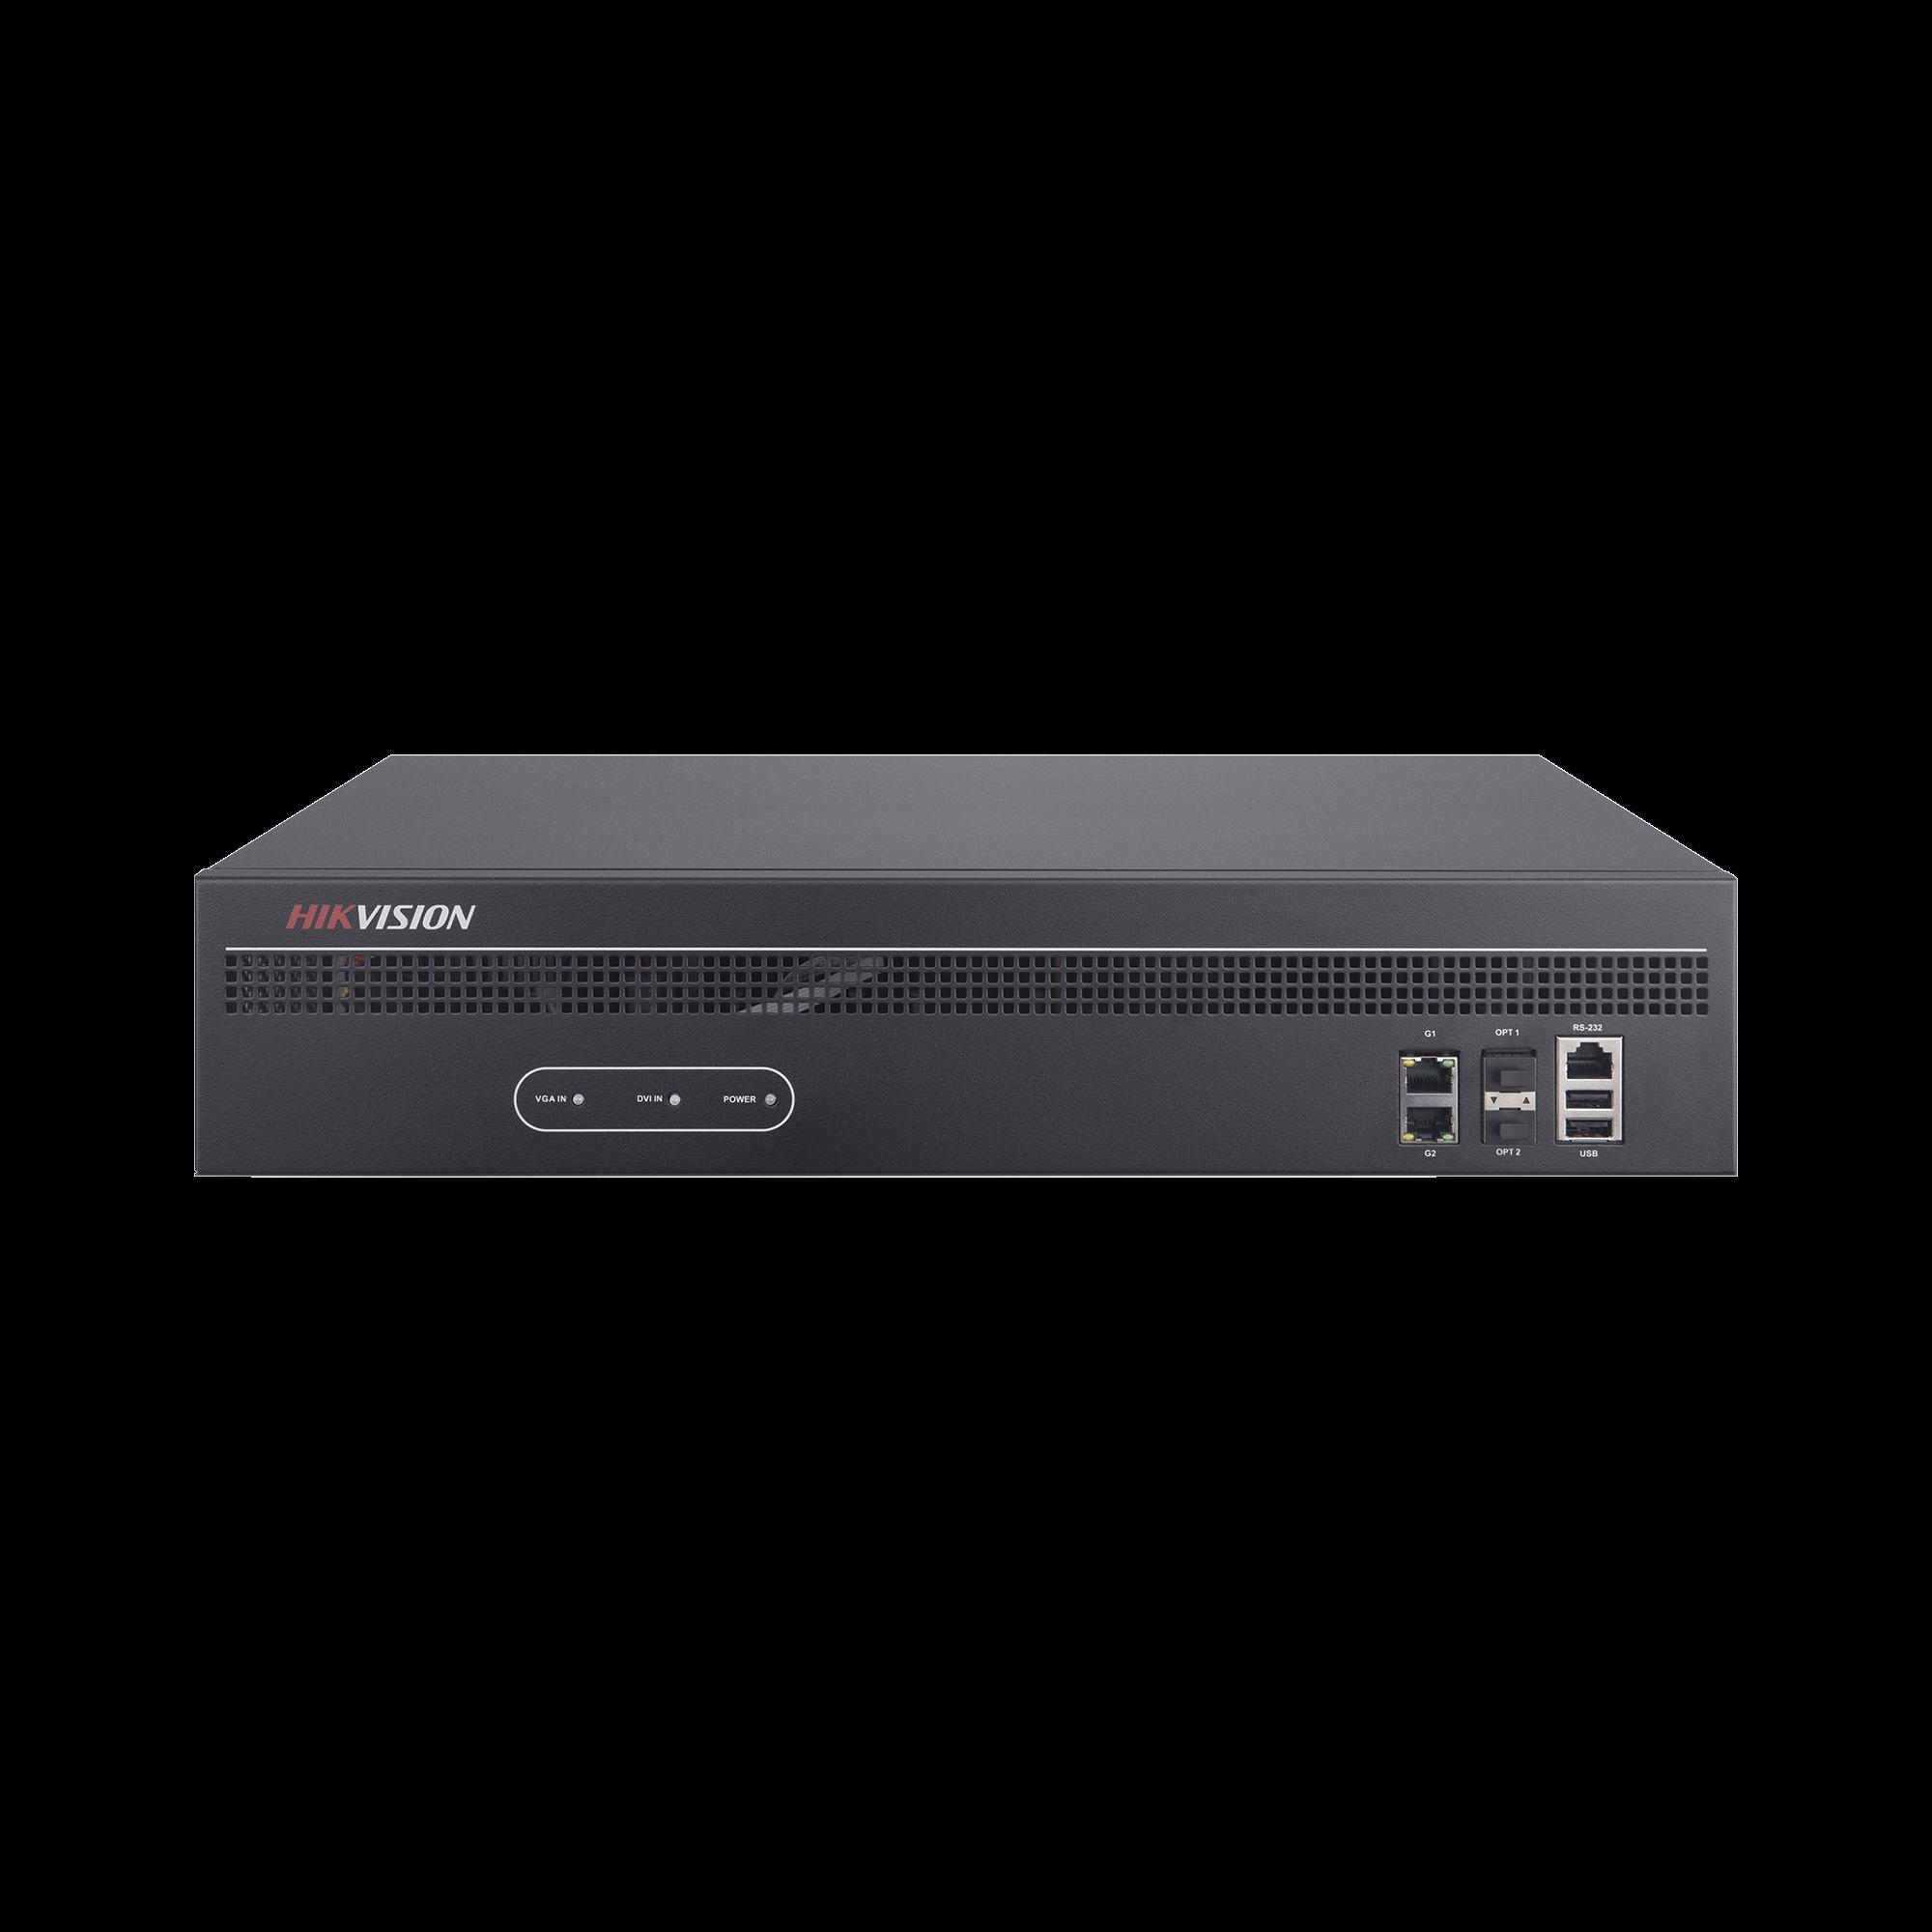 Decodificador de Vídeo de 16 Salidas HDMI 4K / Soporta hasta 128 canales de Vídeo Simultáneos / Videowall